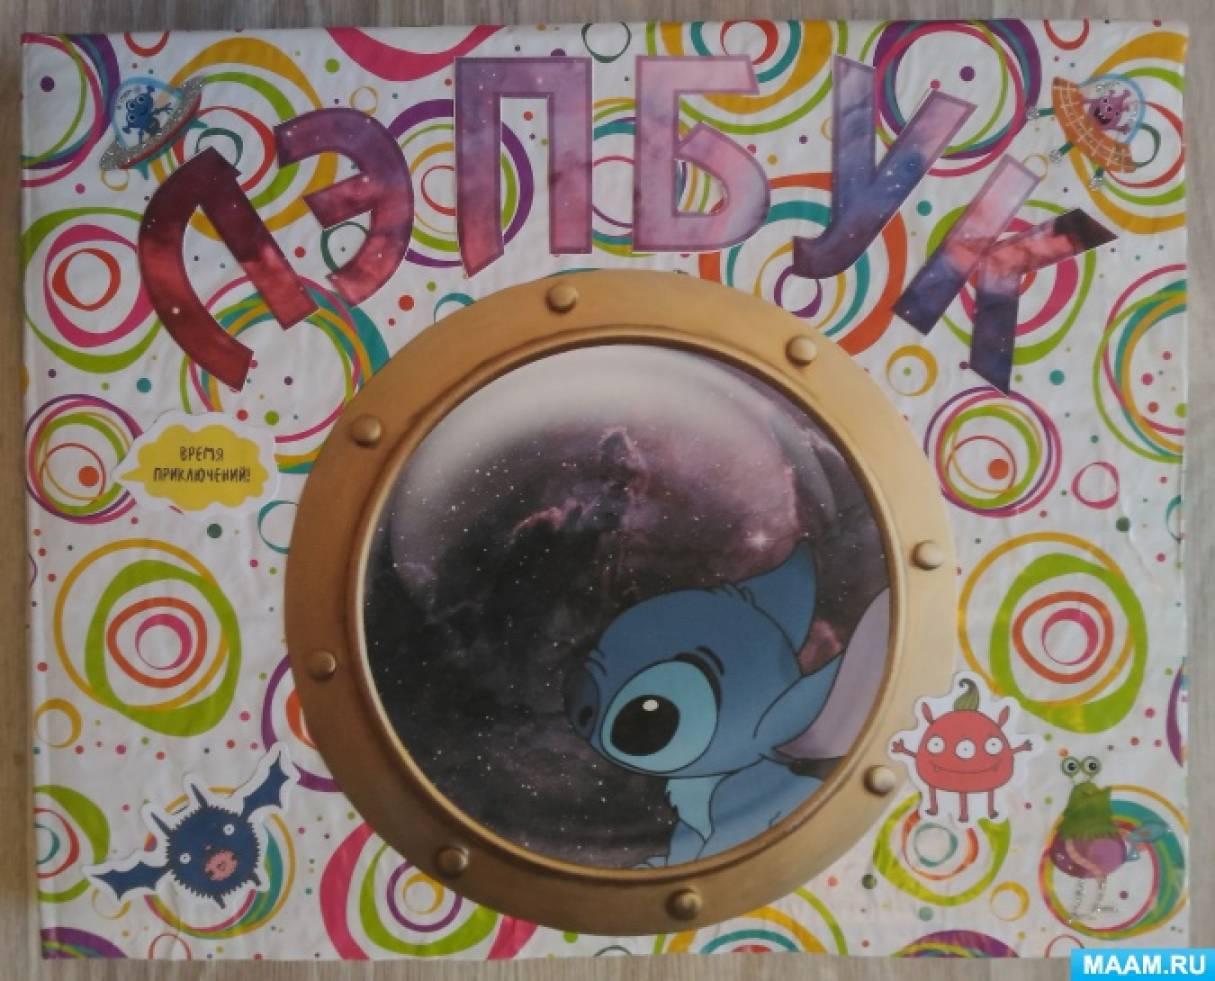 Лэпбук о космосе «Время приключений»